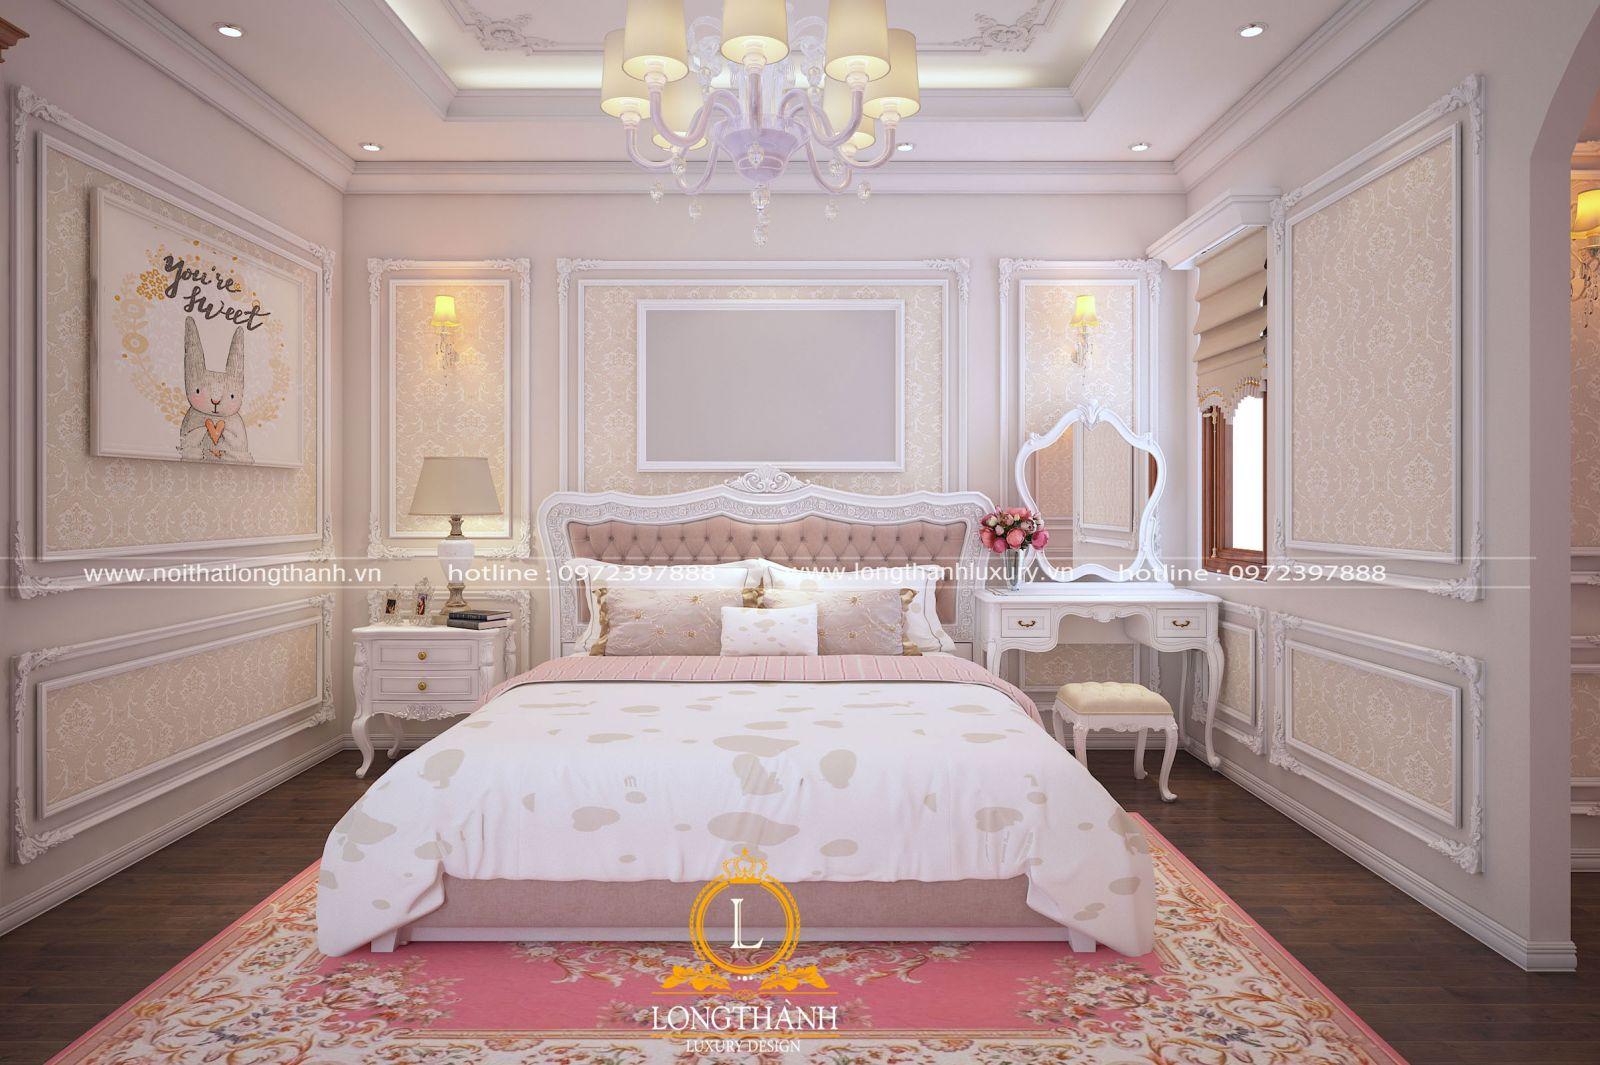 Không gia phòng ngủ hiện đại lãng mạn với các chi tiết trang trítuyệt vời cho vợ chồng trẻ